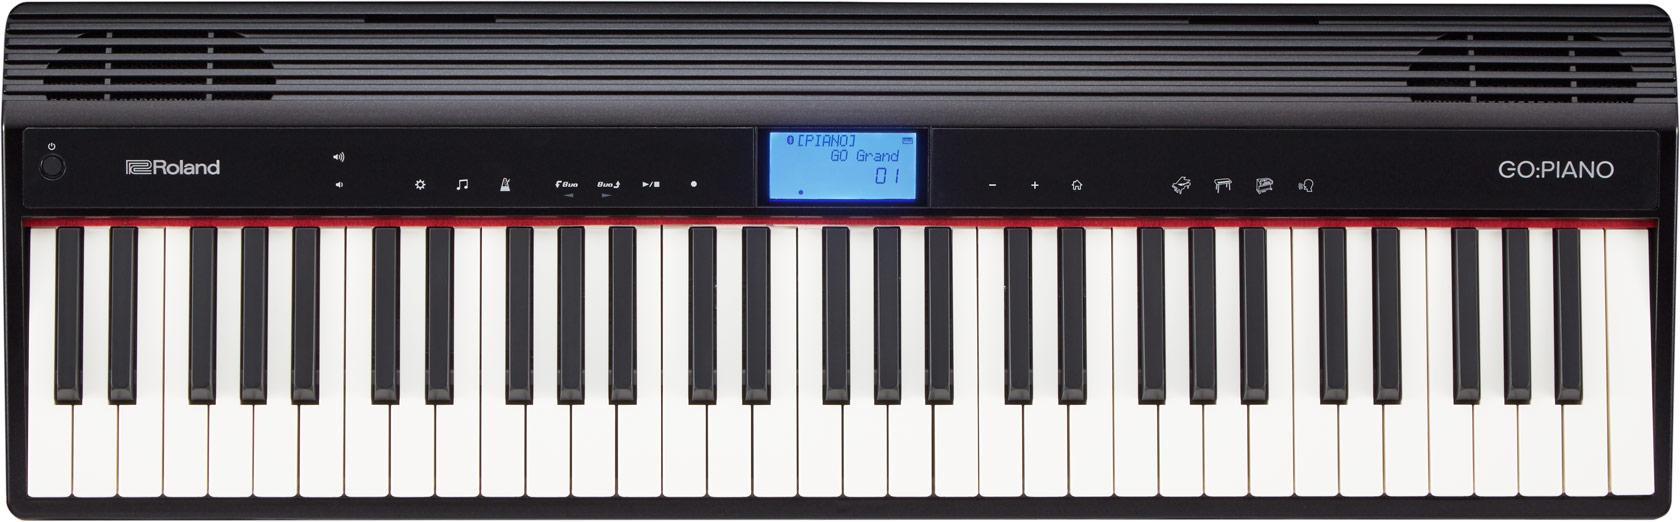 Roland GO:PIANO デザイン